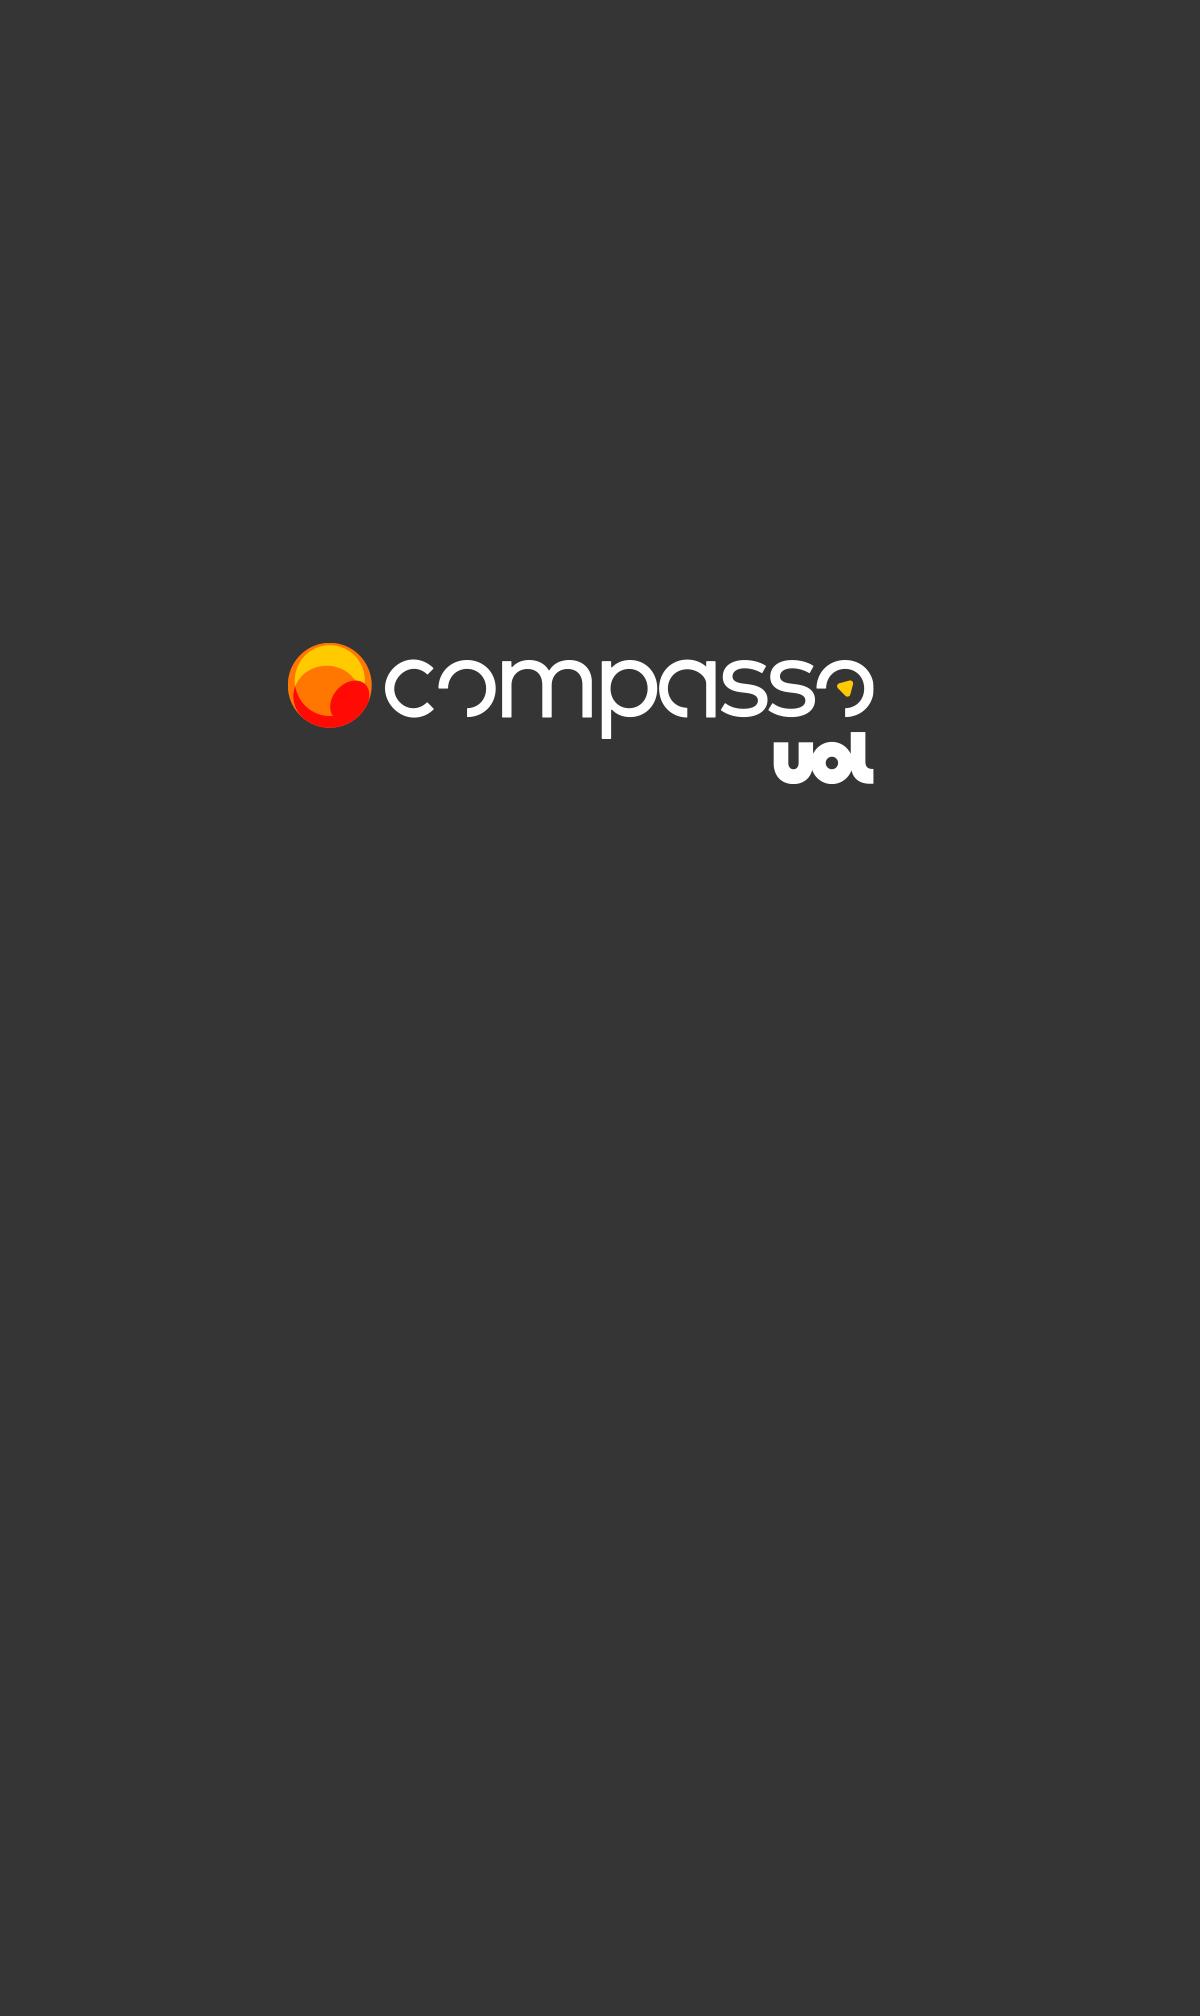 logos_compasso2